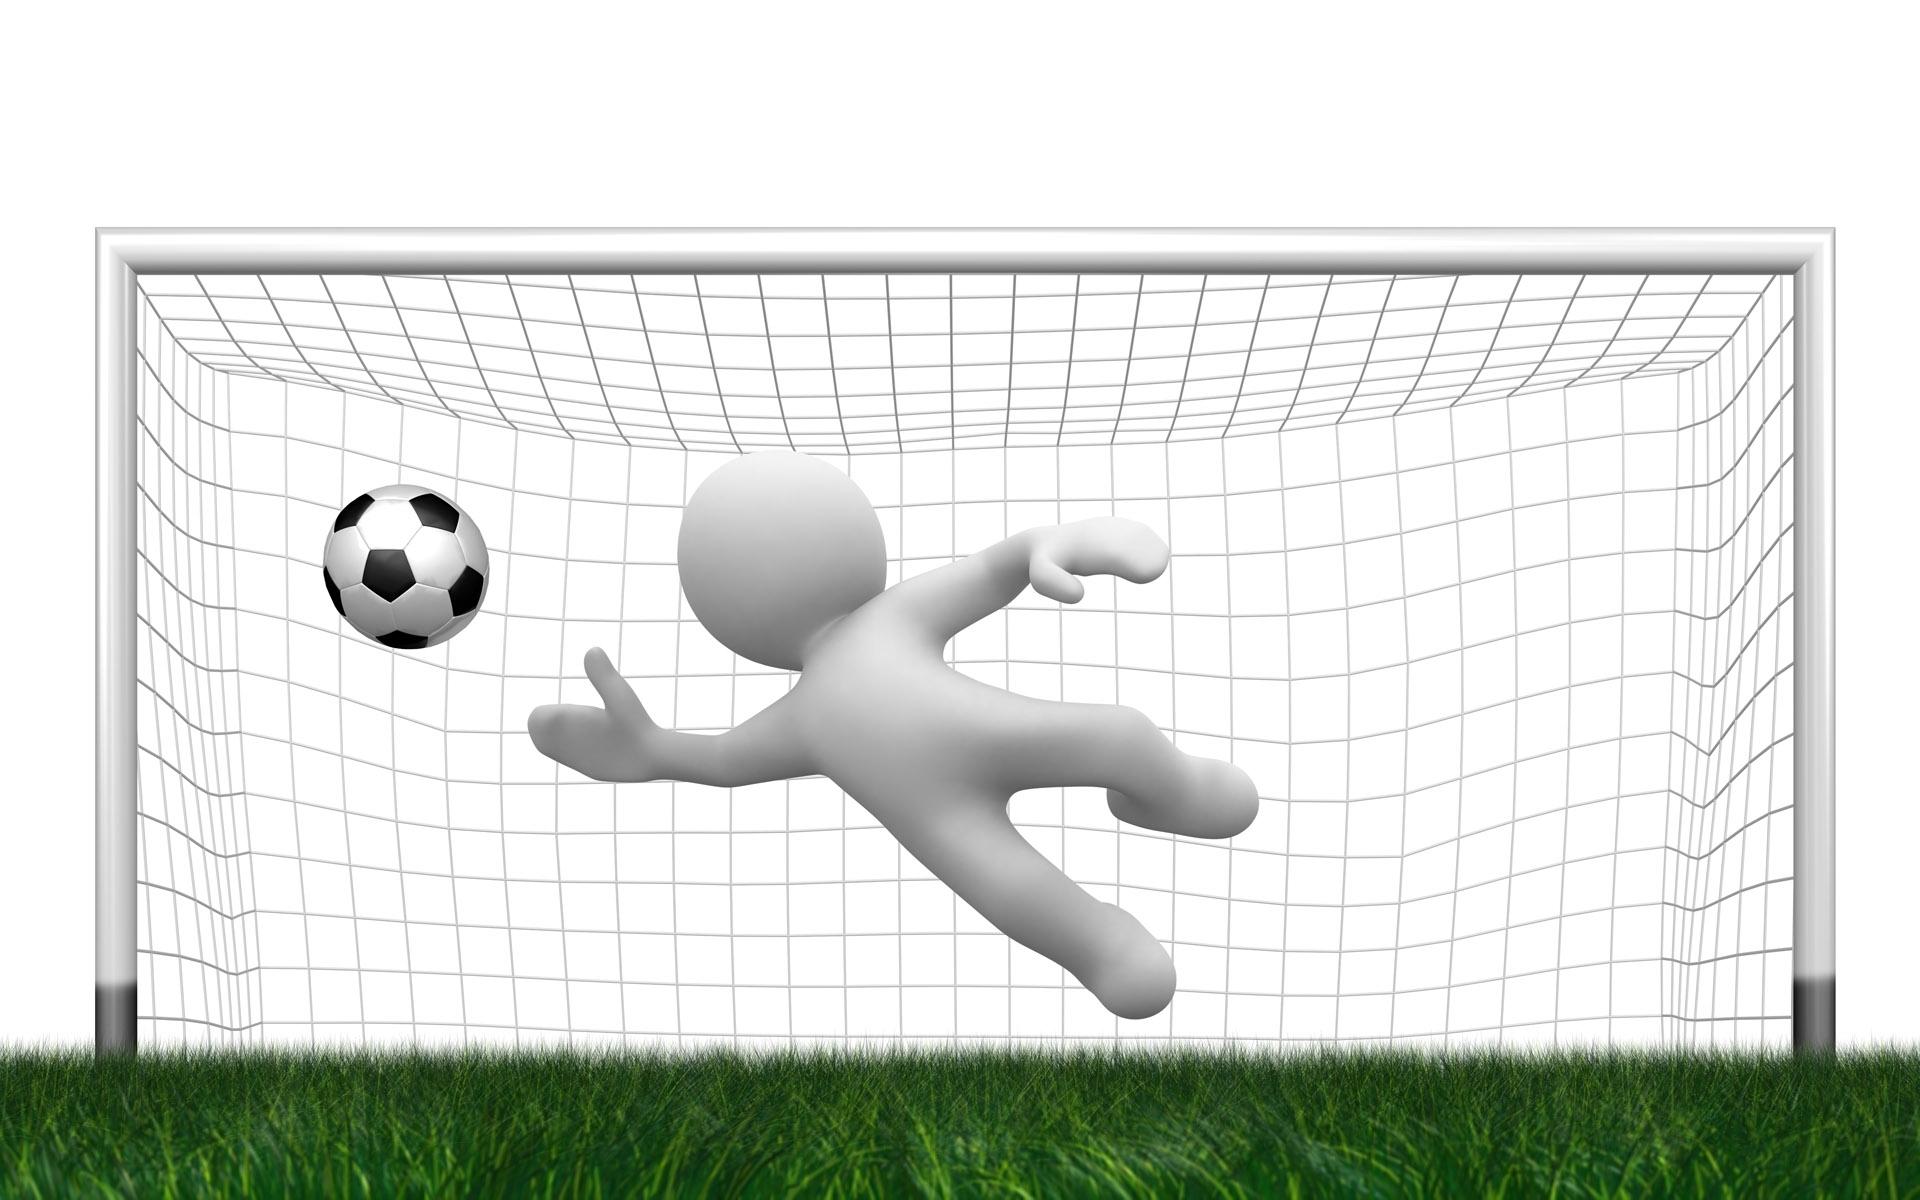 Soccer Goal Clipart - Blogsbeta